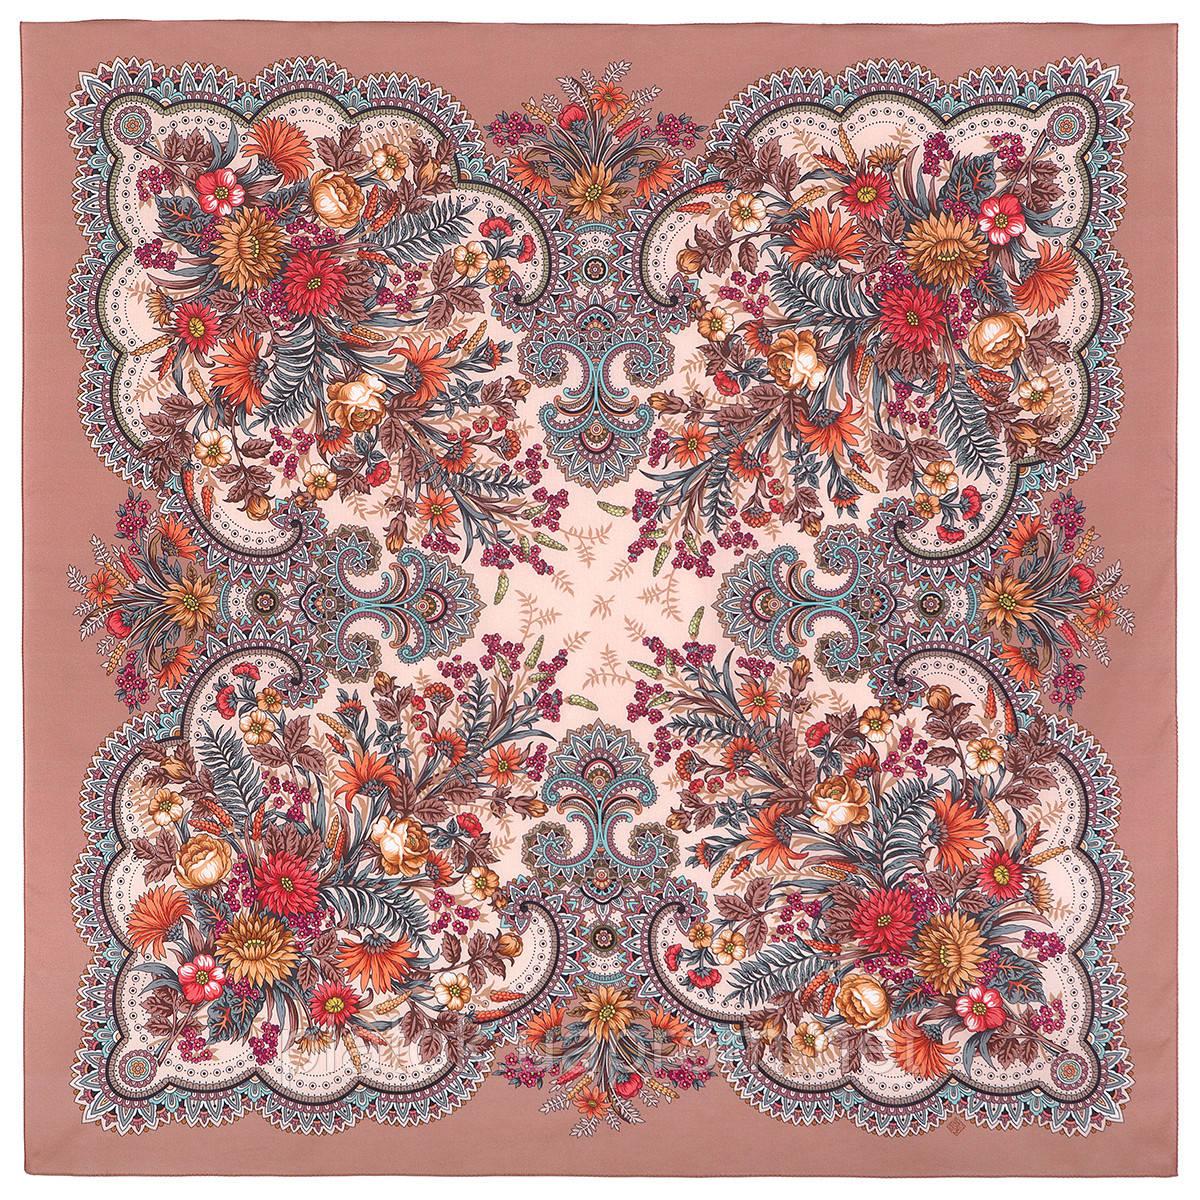 Цветущее лето 1839-4, павлопосадский платок хлопковый (батистовый) с швом зиг-заг